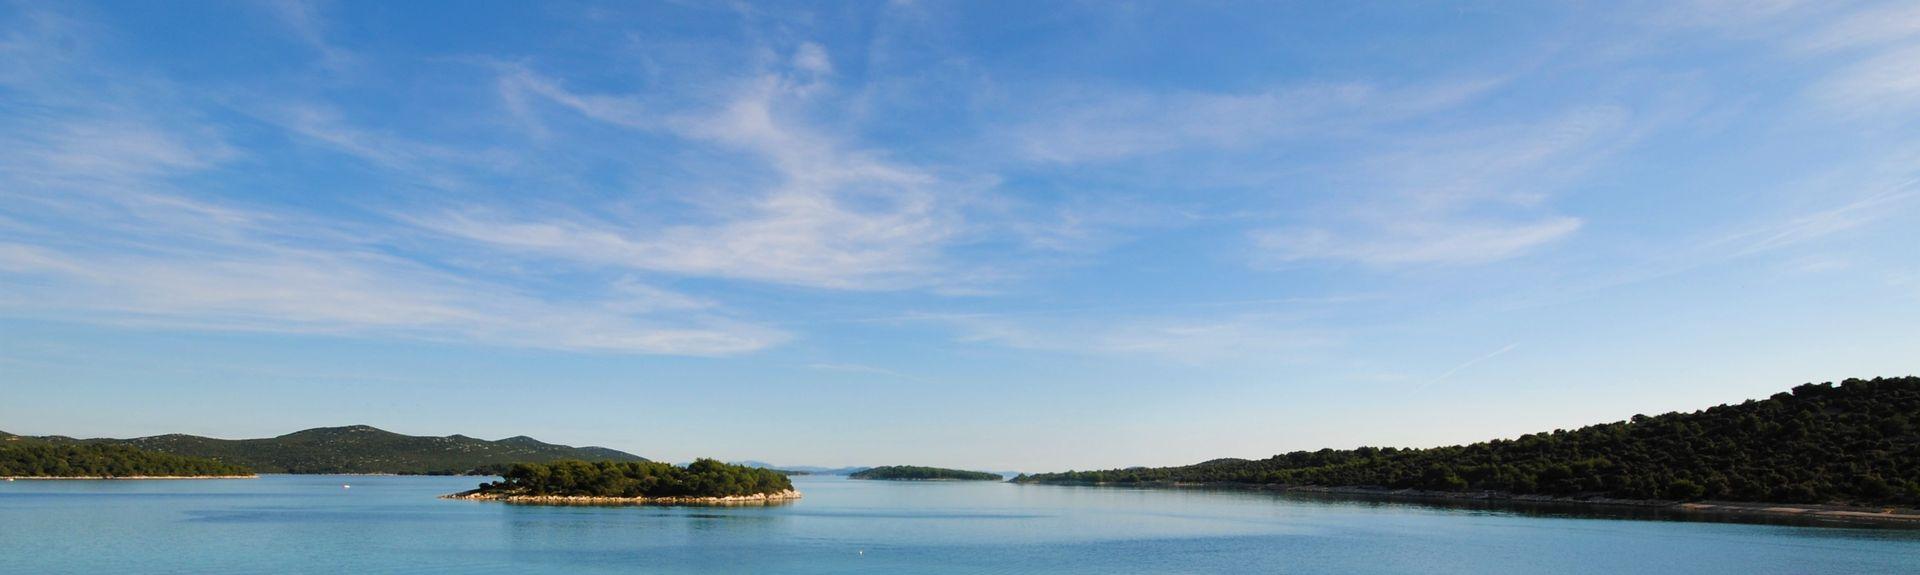 Spiaggia di Slanica, Morter, Regione di Sebenico e Tenin, Croazia